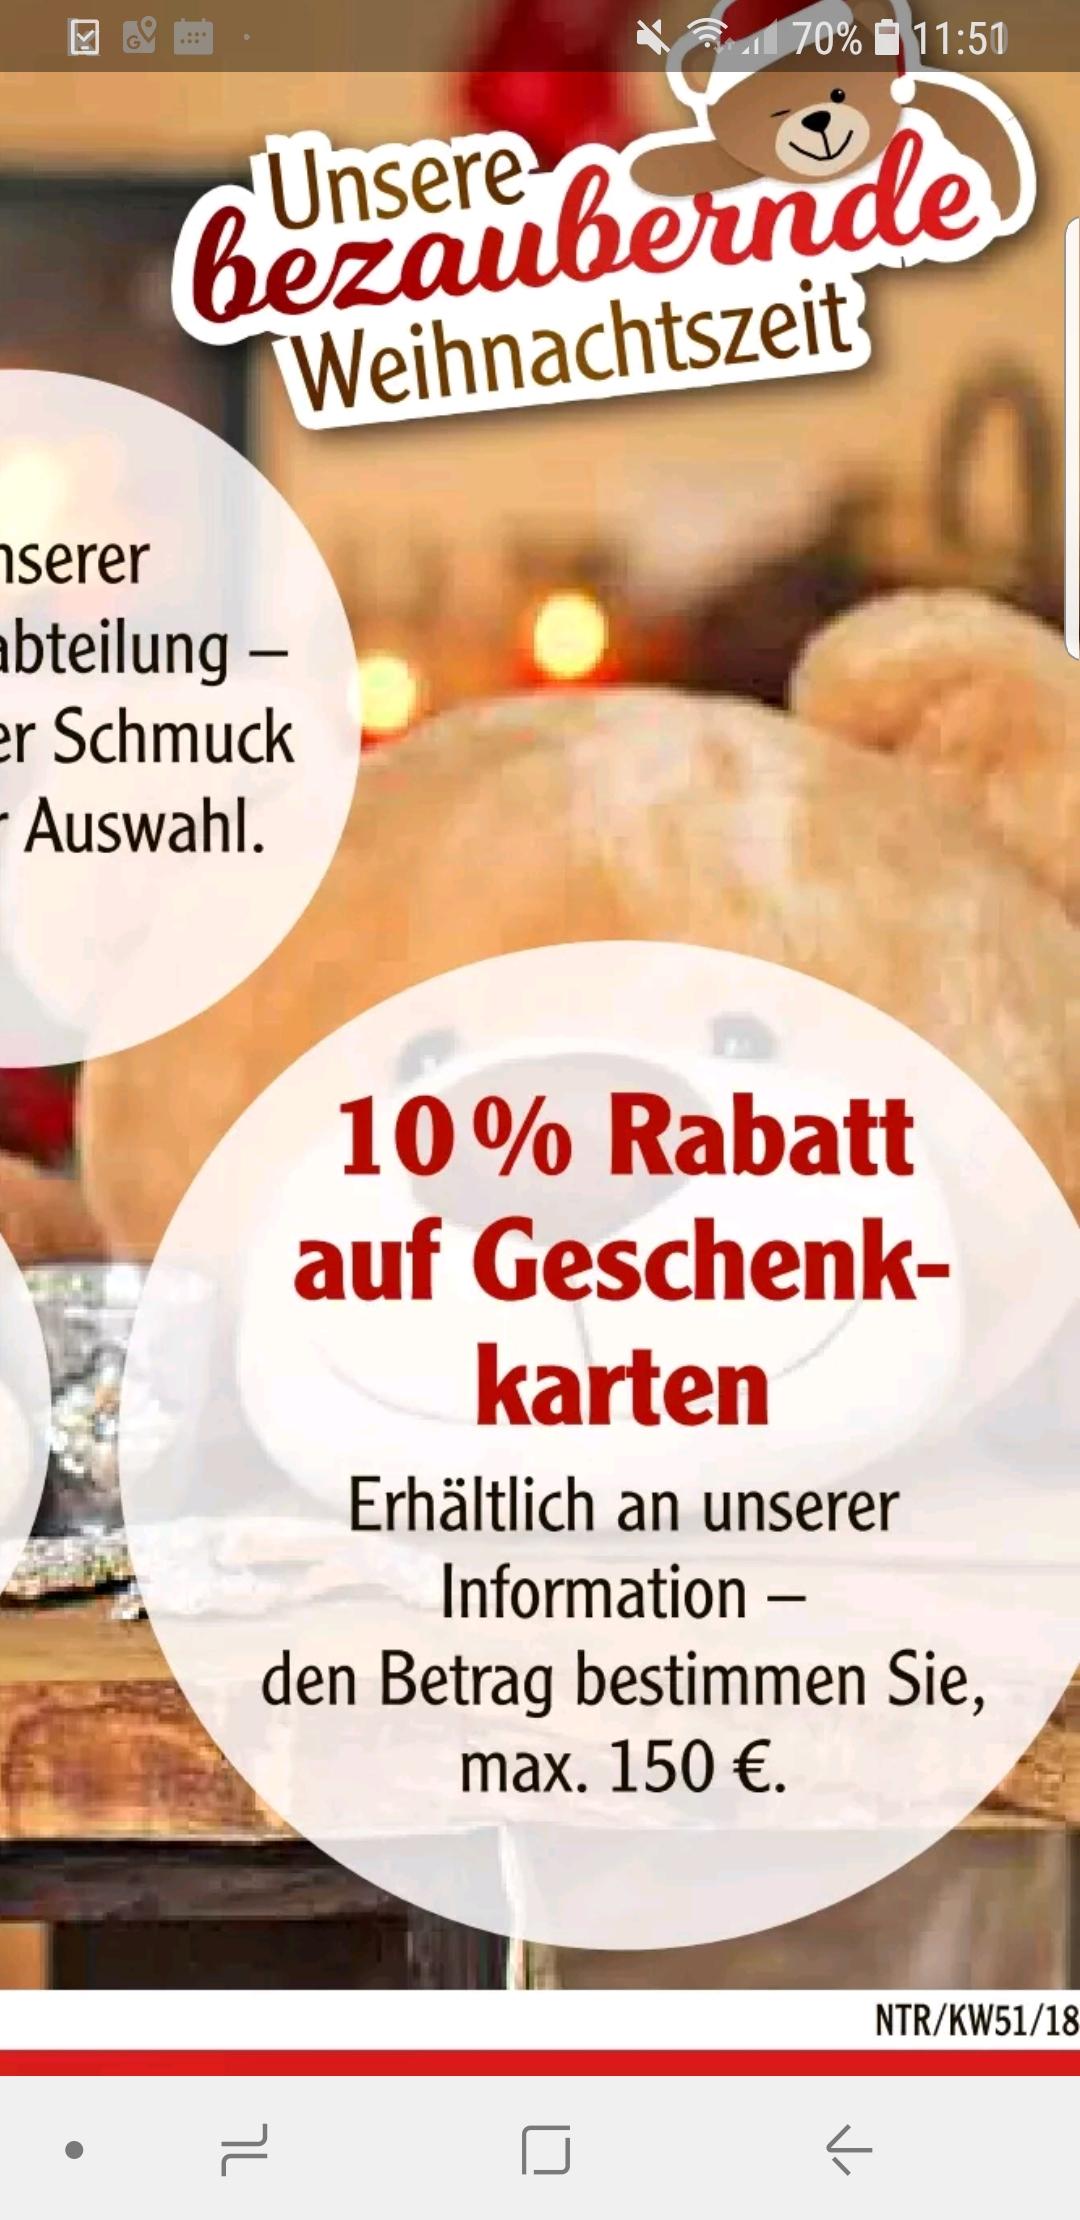 [Regional] GLOBUS Neutraubling 10% auf Geschenkkarten